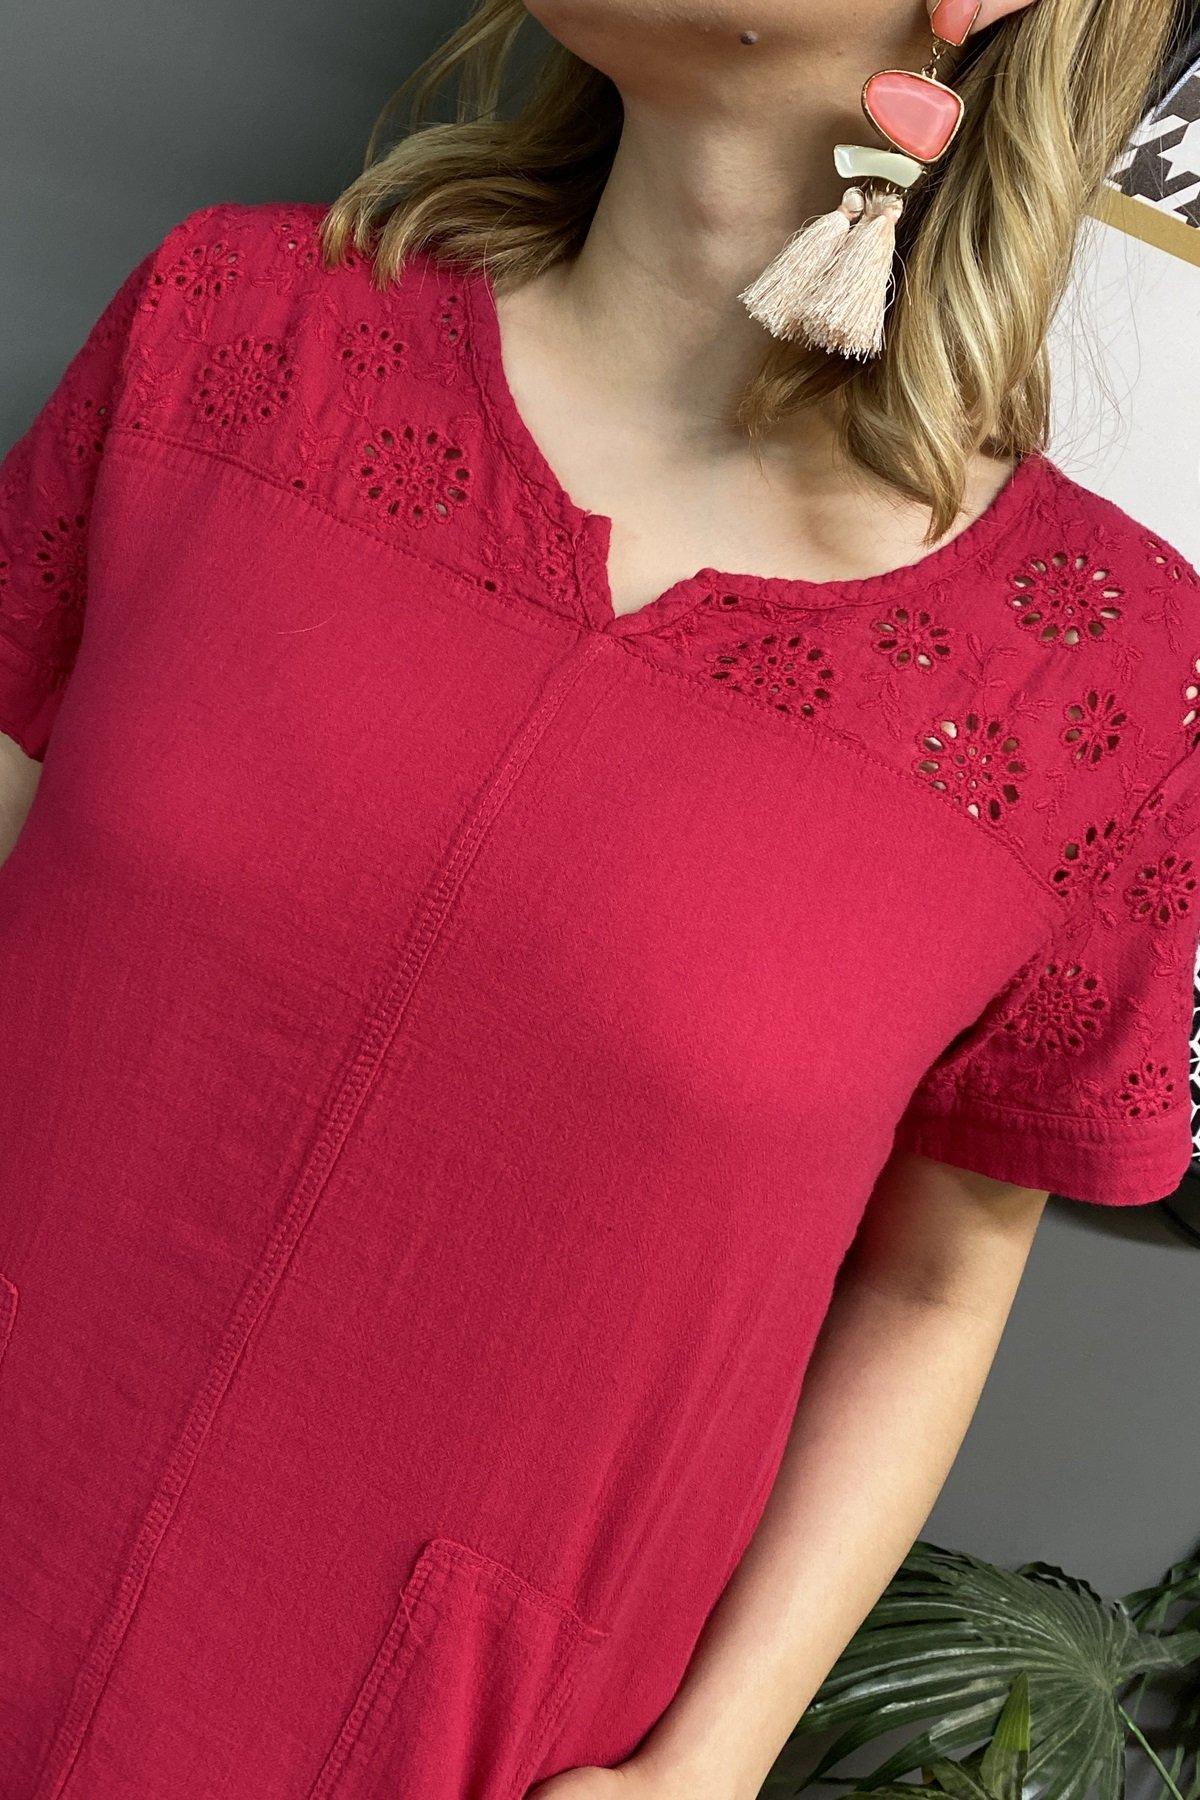 Göğüs Üstü Ve Arkası Fisto Dantel Çift Cepli Etek Ucu Fisto Elbise